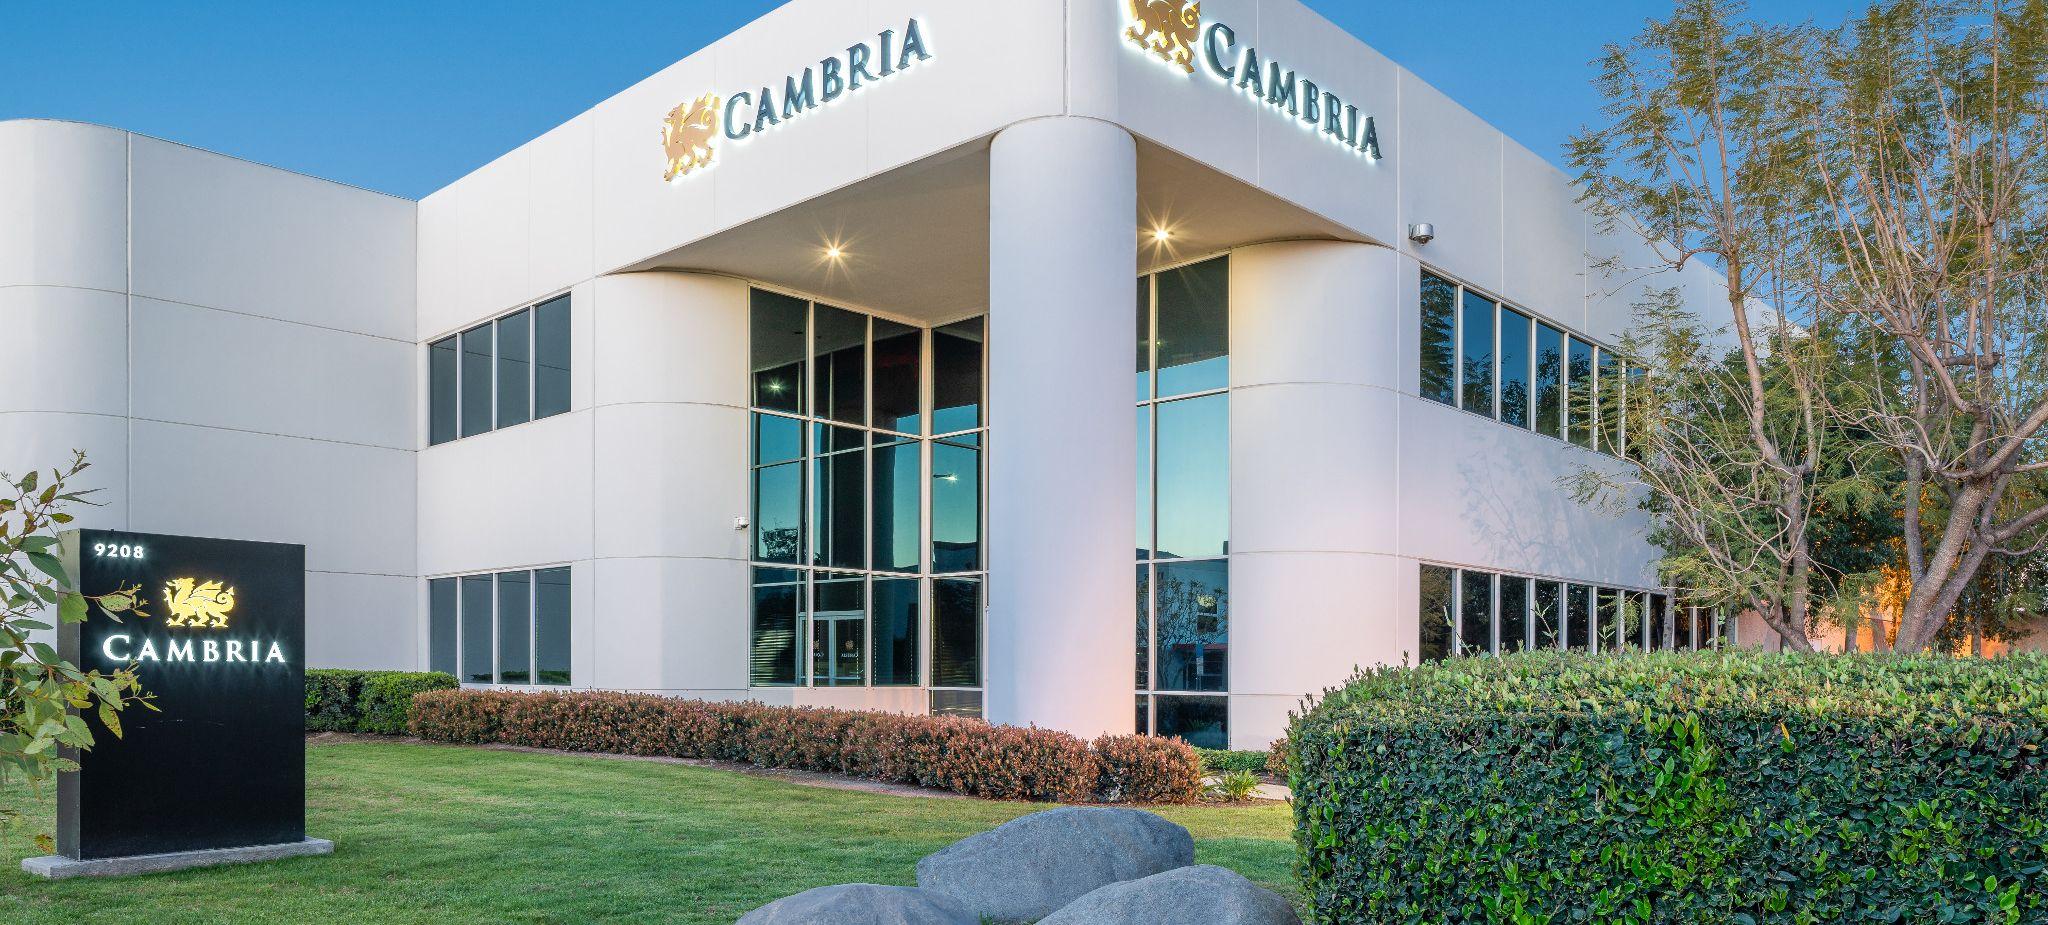 Cambria DC_LA_Sage_002_19.jpg